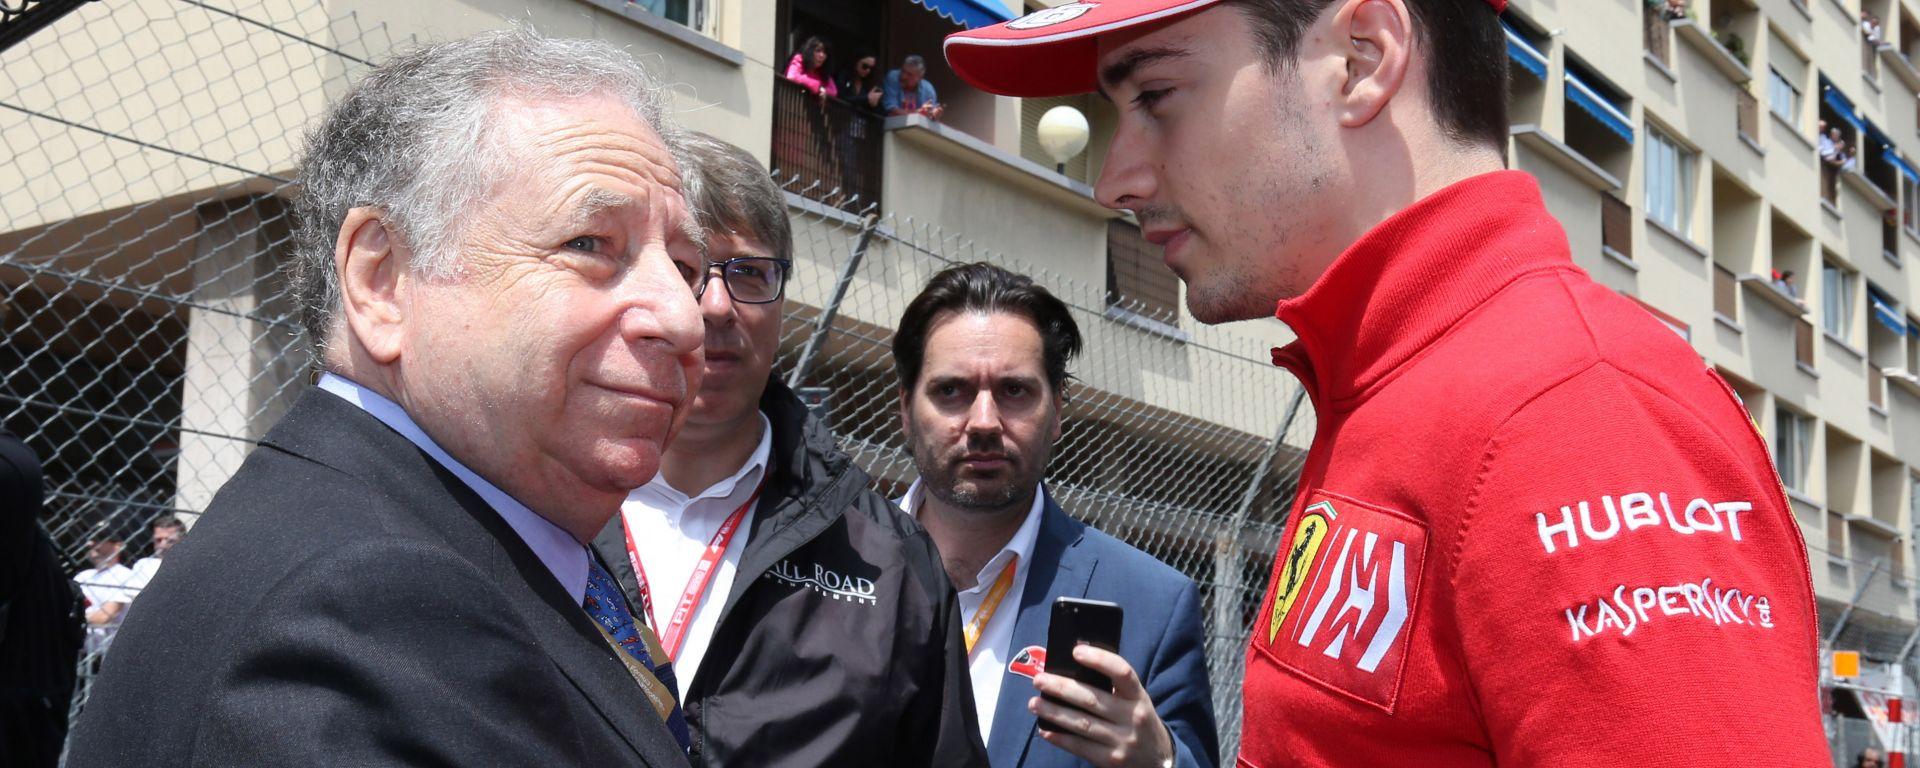 F1 GP Monaco 2019, Monte Carlo, Jean Todt (FIA) e Charles Leclerc (Ferrari)